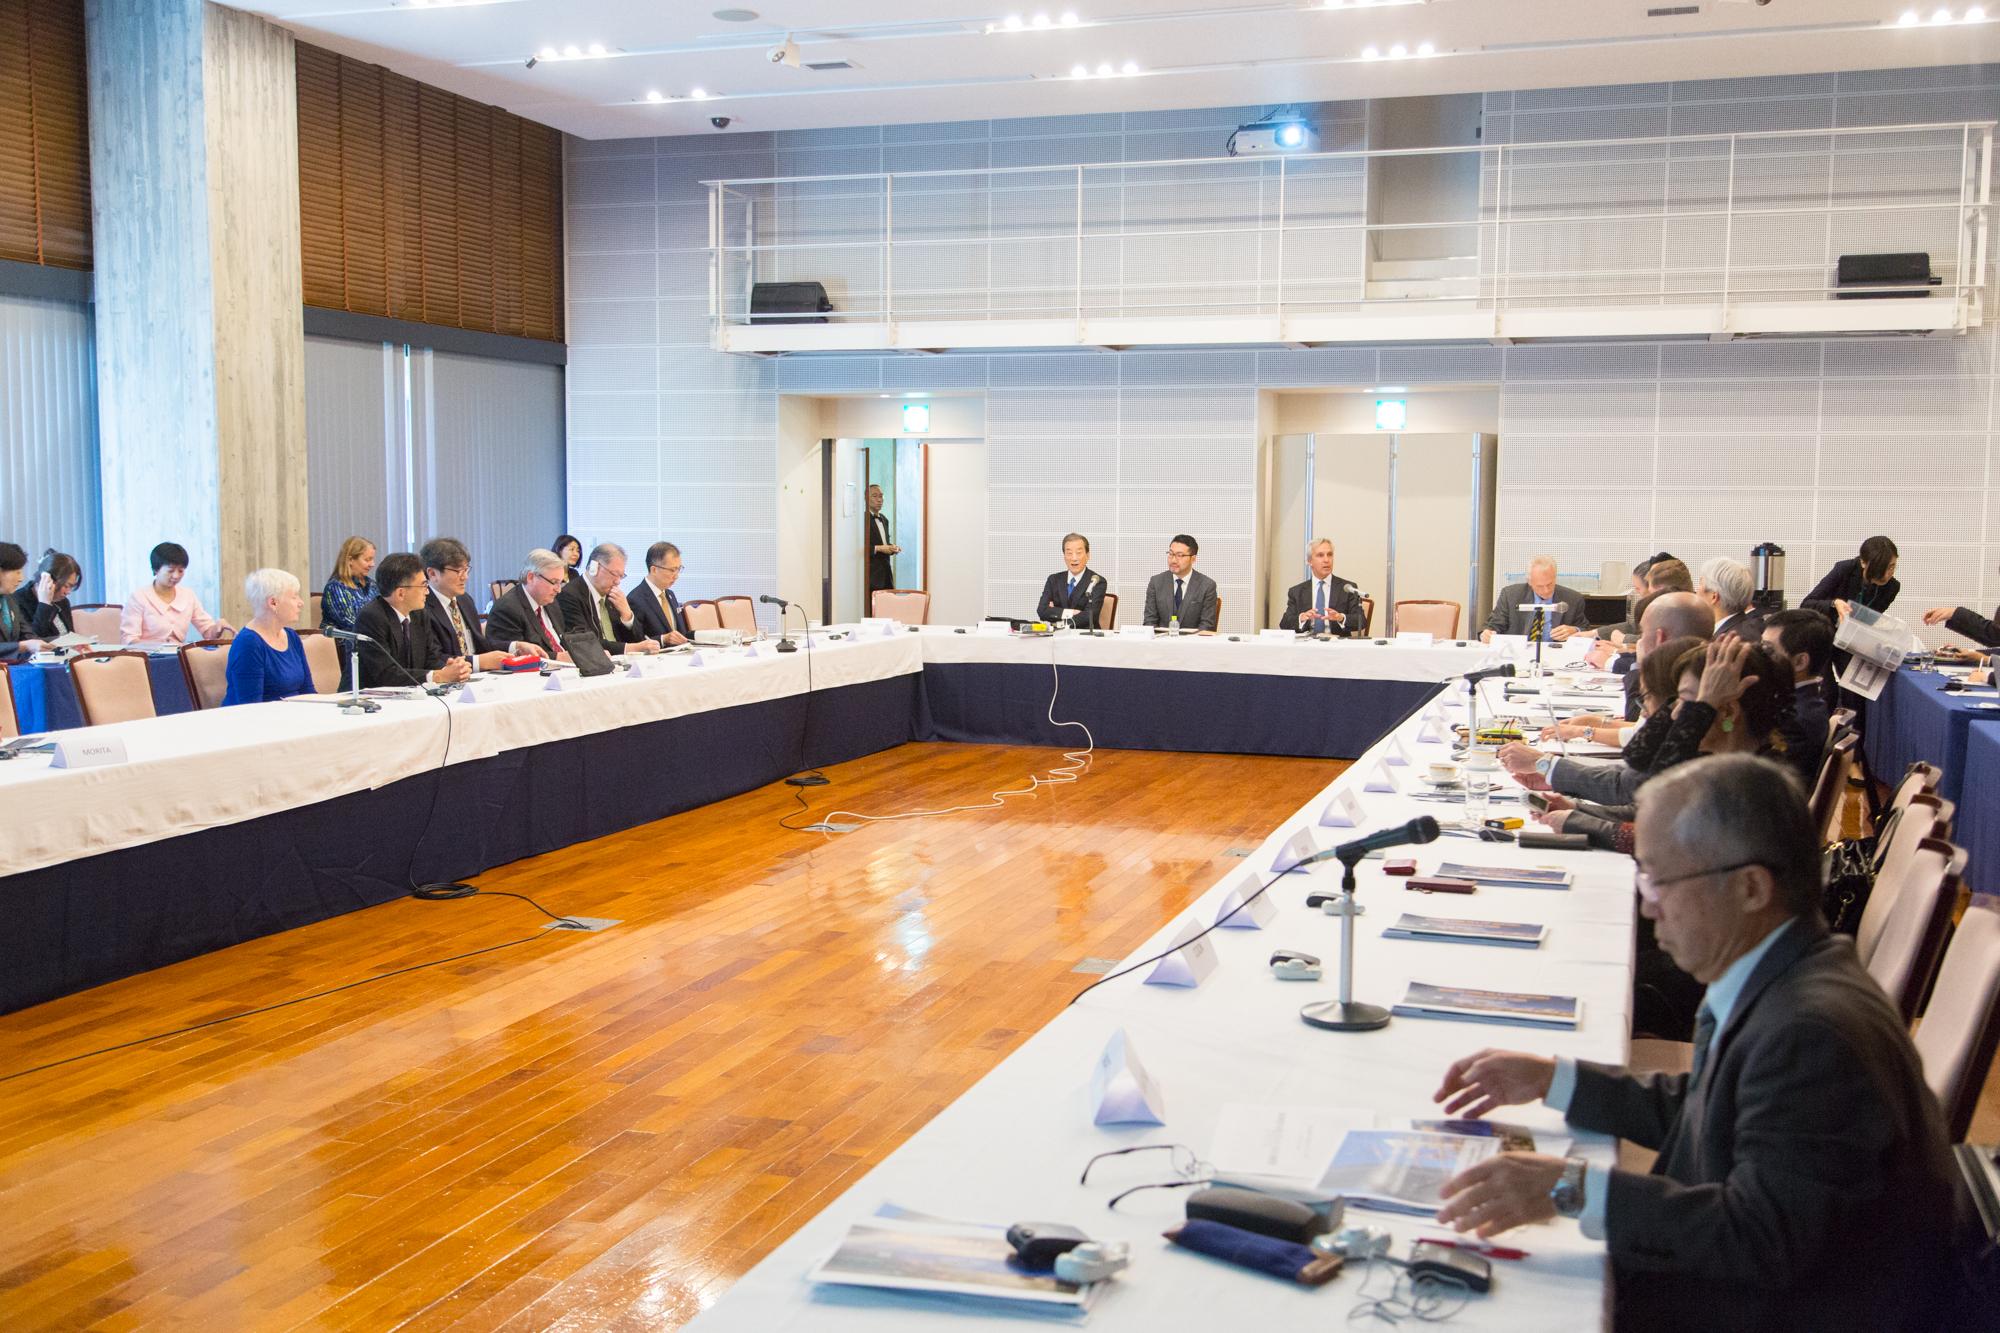 【開催報告】グローバル専門家会合『超高齢社会におけるイノベーション ~テクノロジー・健康・介護・都市計画へのインパクト~』GCOA-HGPI共催ラウンドテーブル(2018年11月2日)